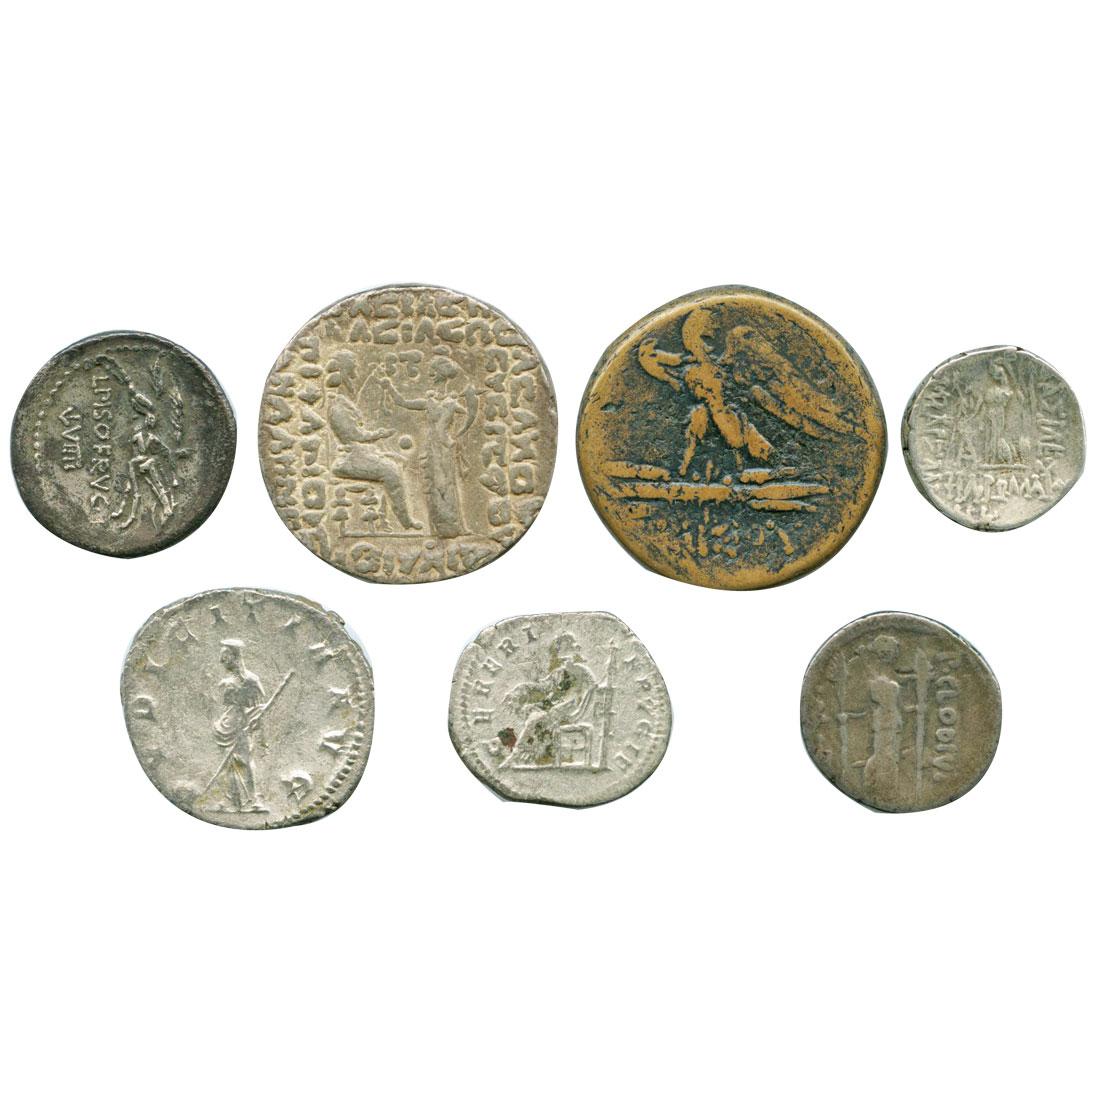 各国ロット 全て古代コイン 合計...